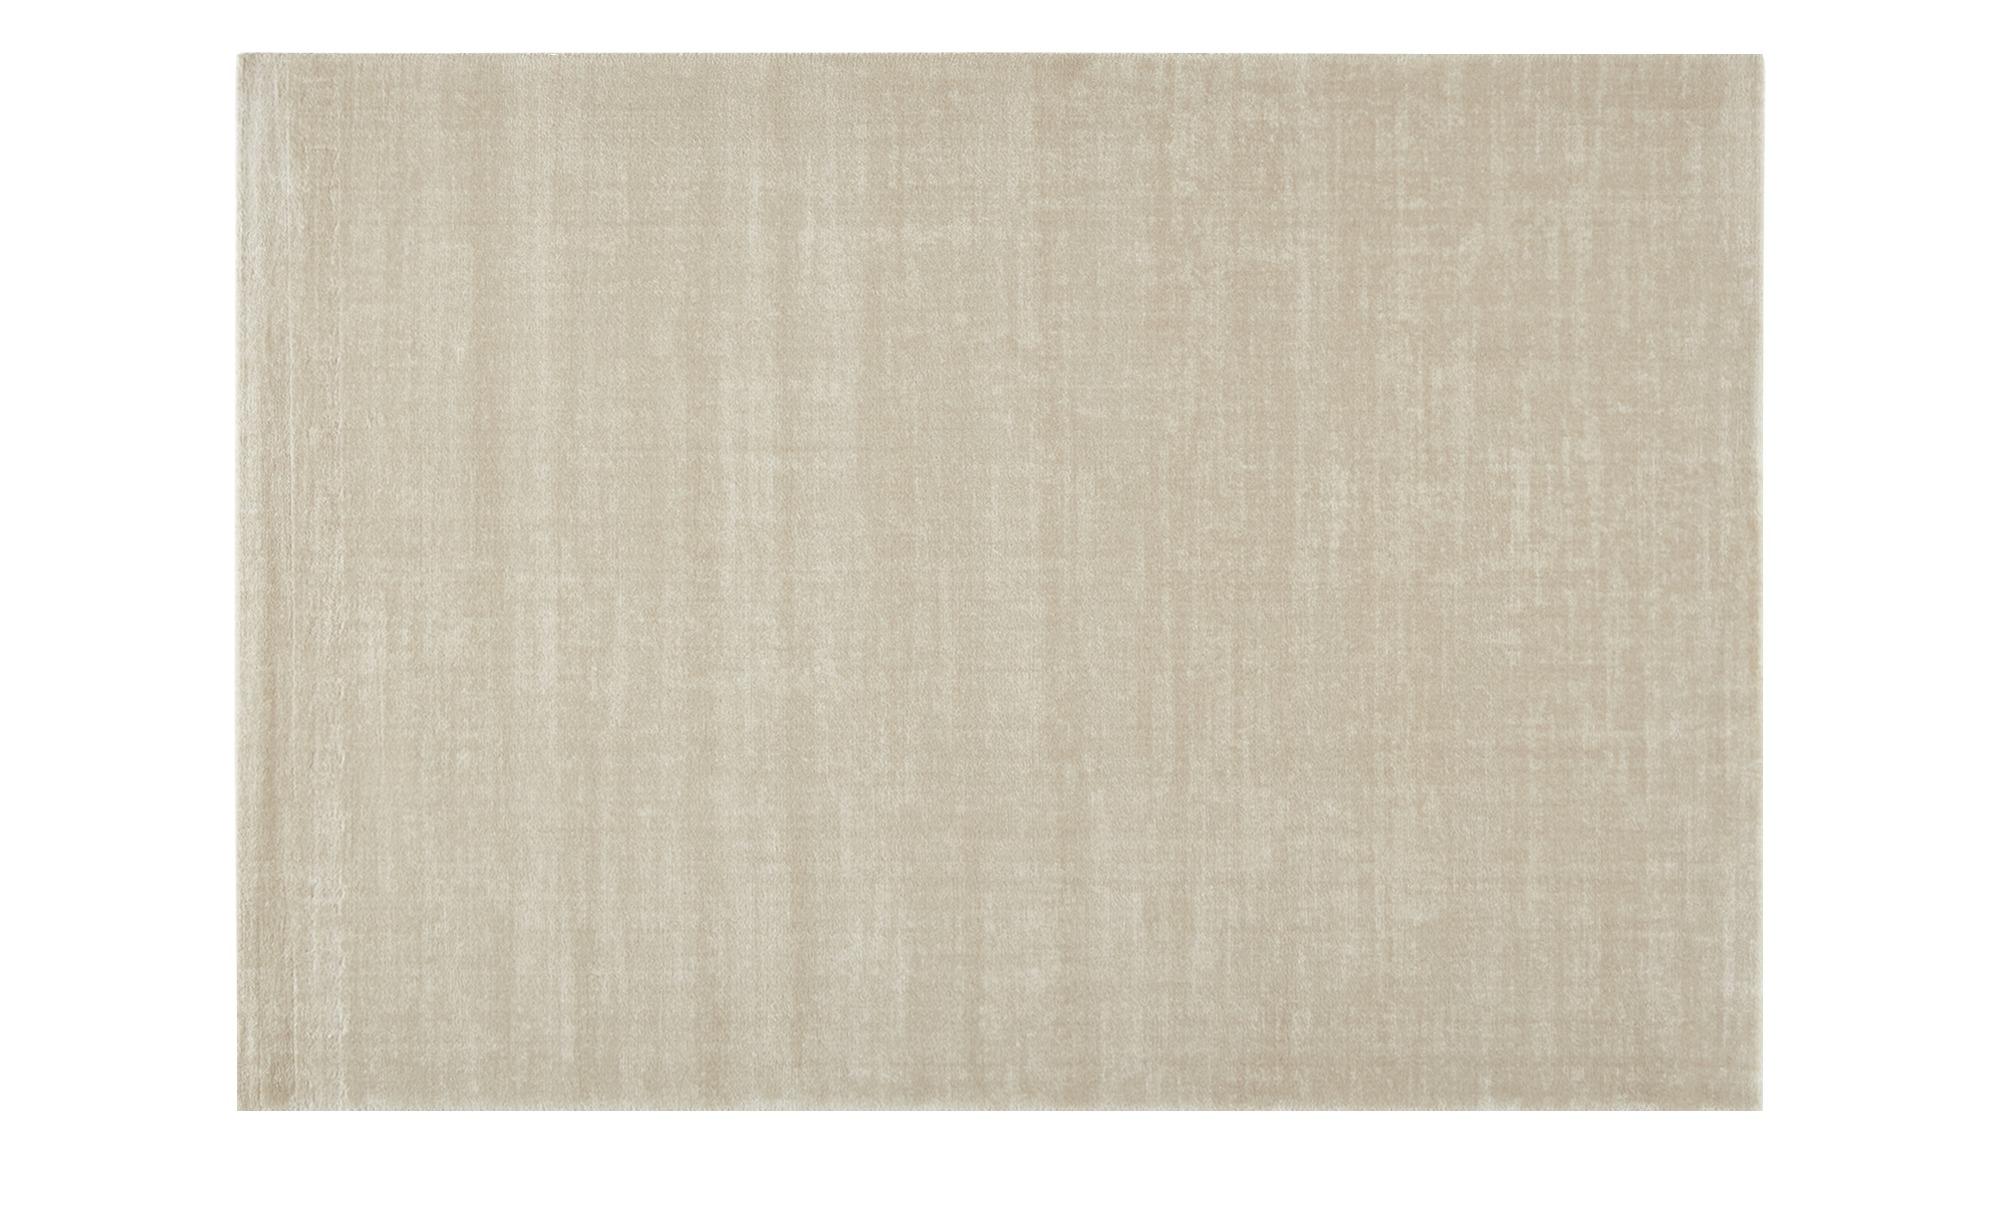 Webteppich  Futuro ¦ beige ¦ 100 % Polypropylen, Synthethische Fasern ¦ Maße (cm): B: 120 Teppiche > Wohnteppiche > Vintage Teppiche - Höffner